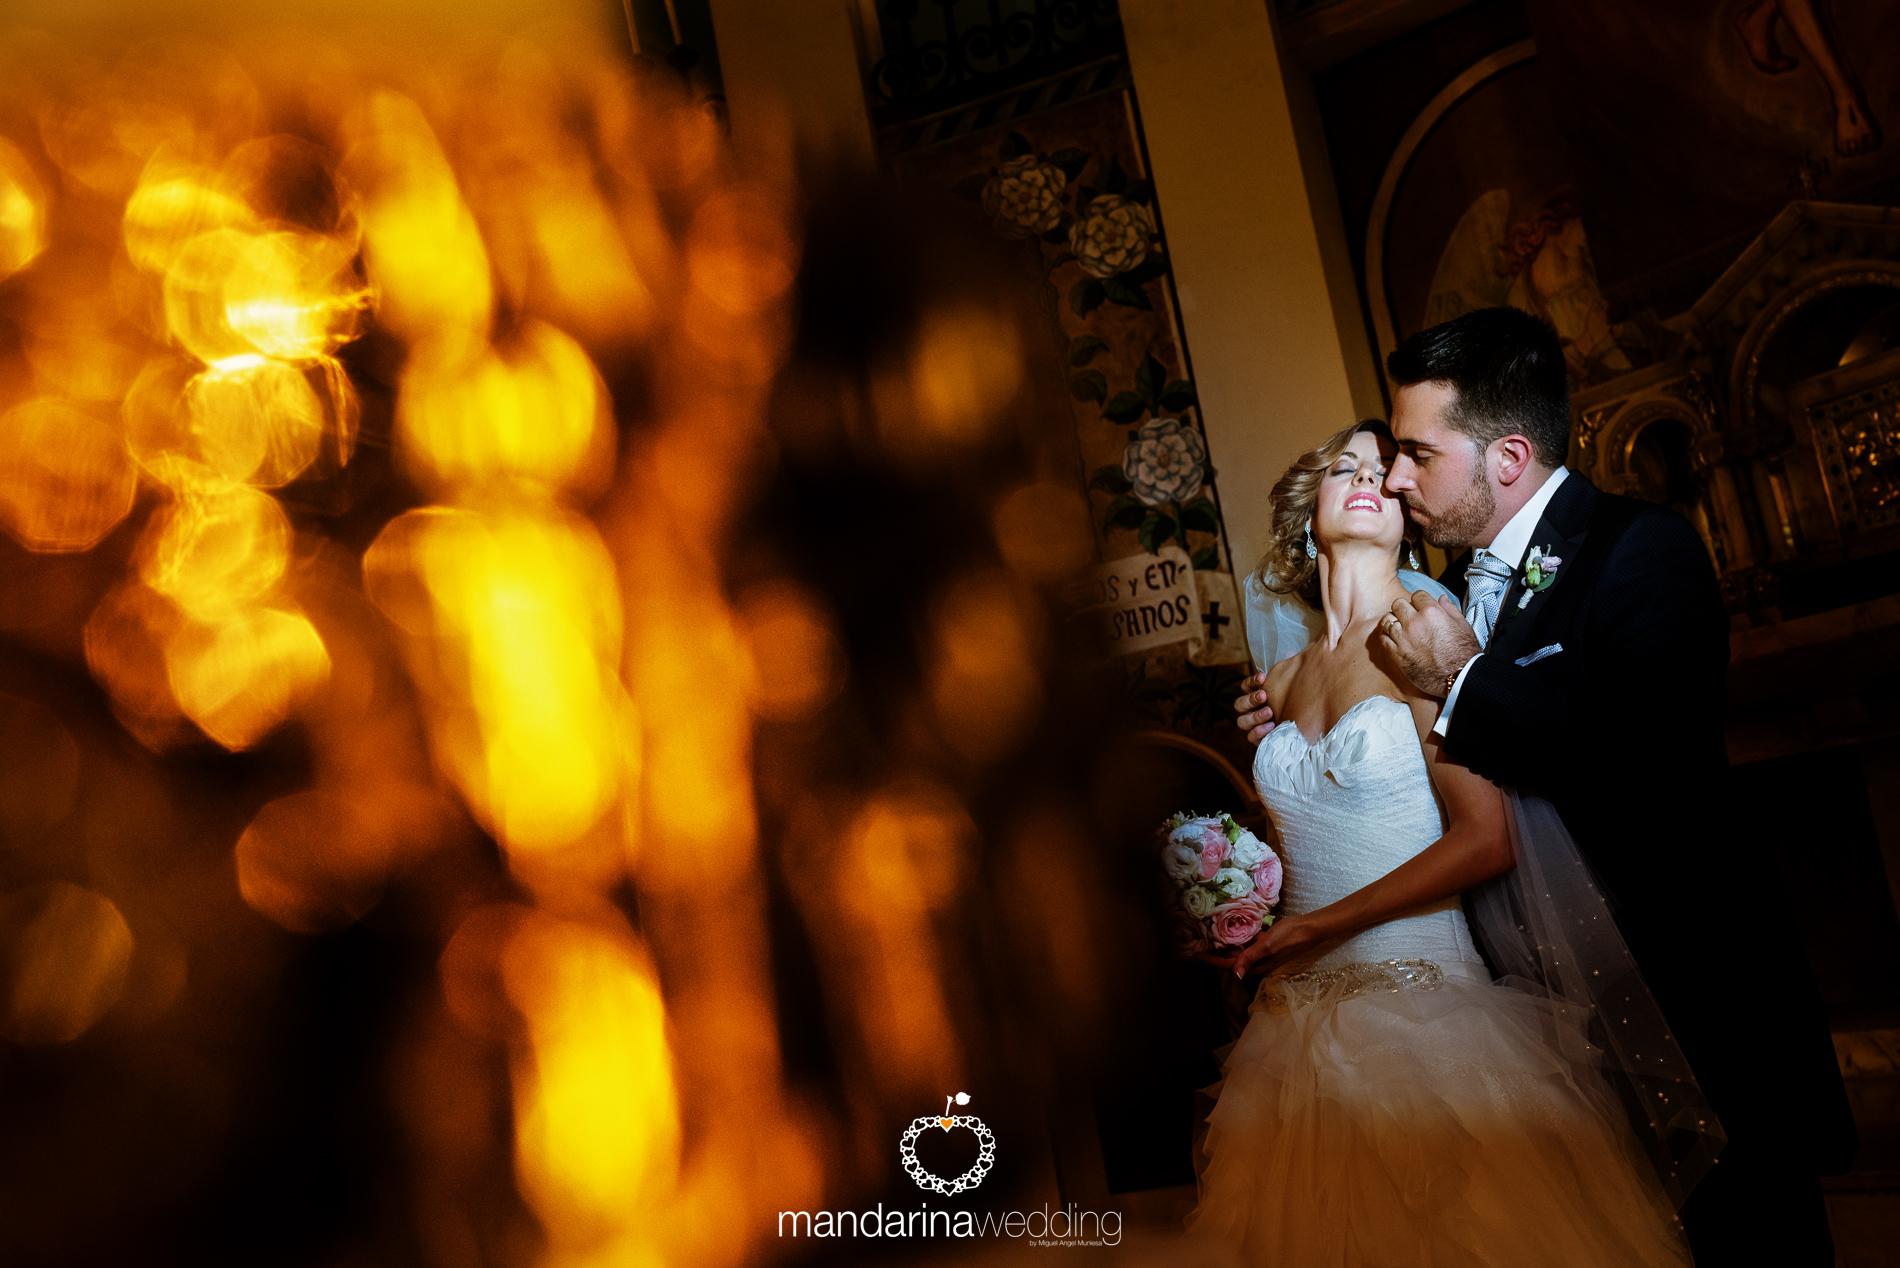 mandarina wedding_24